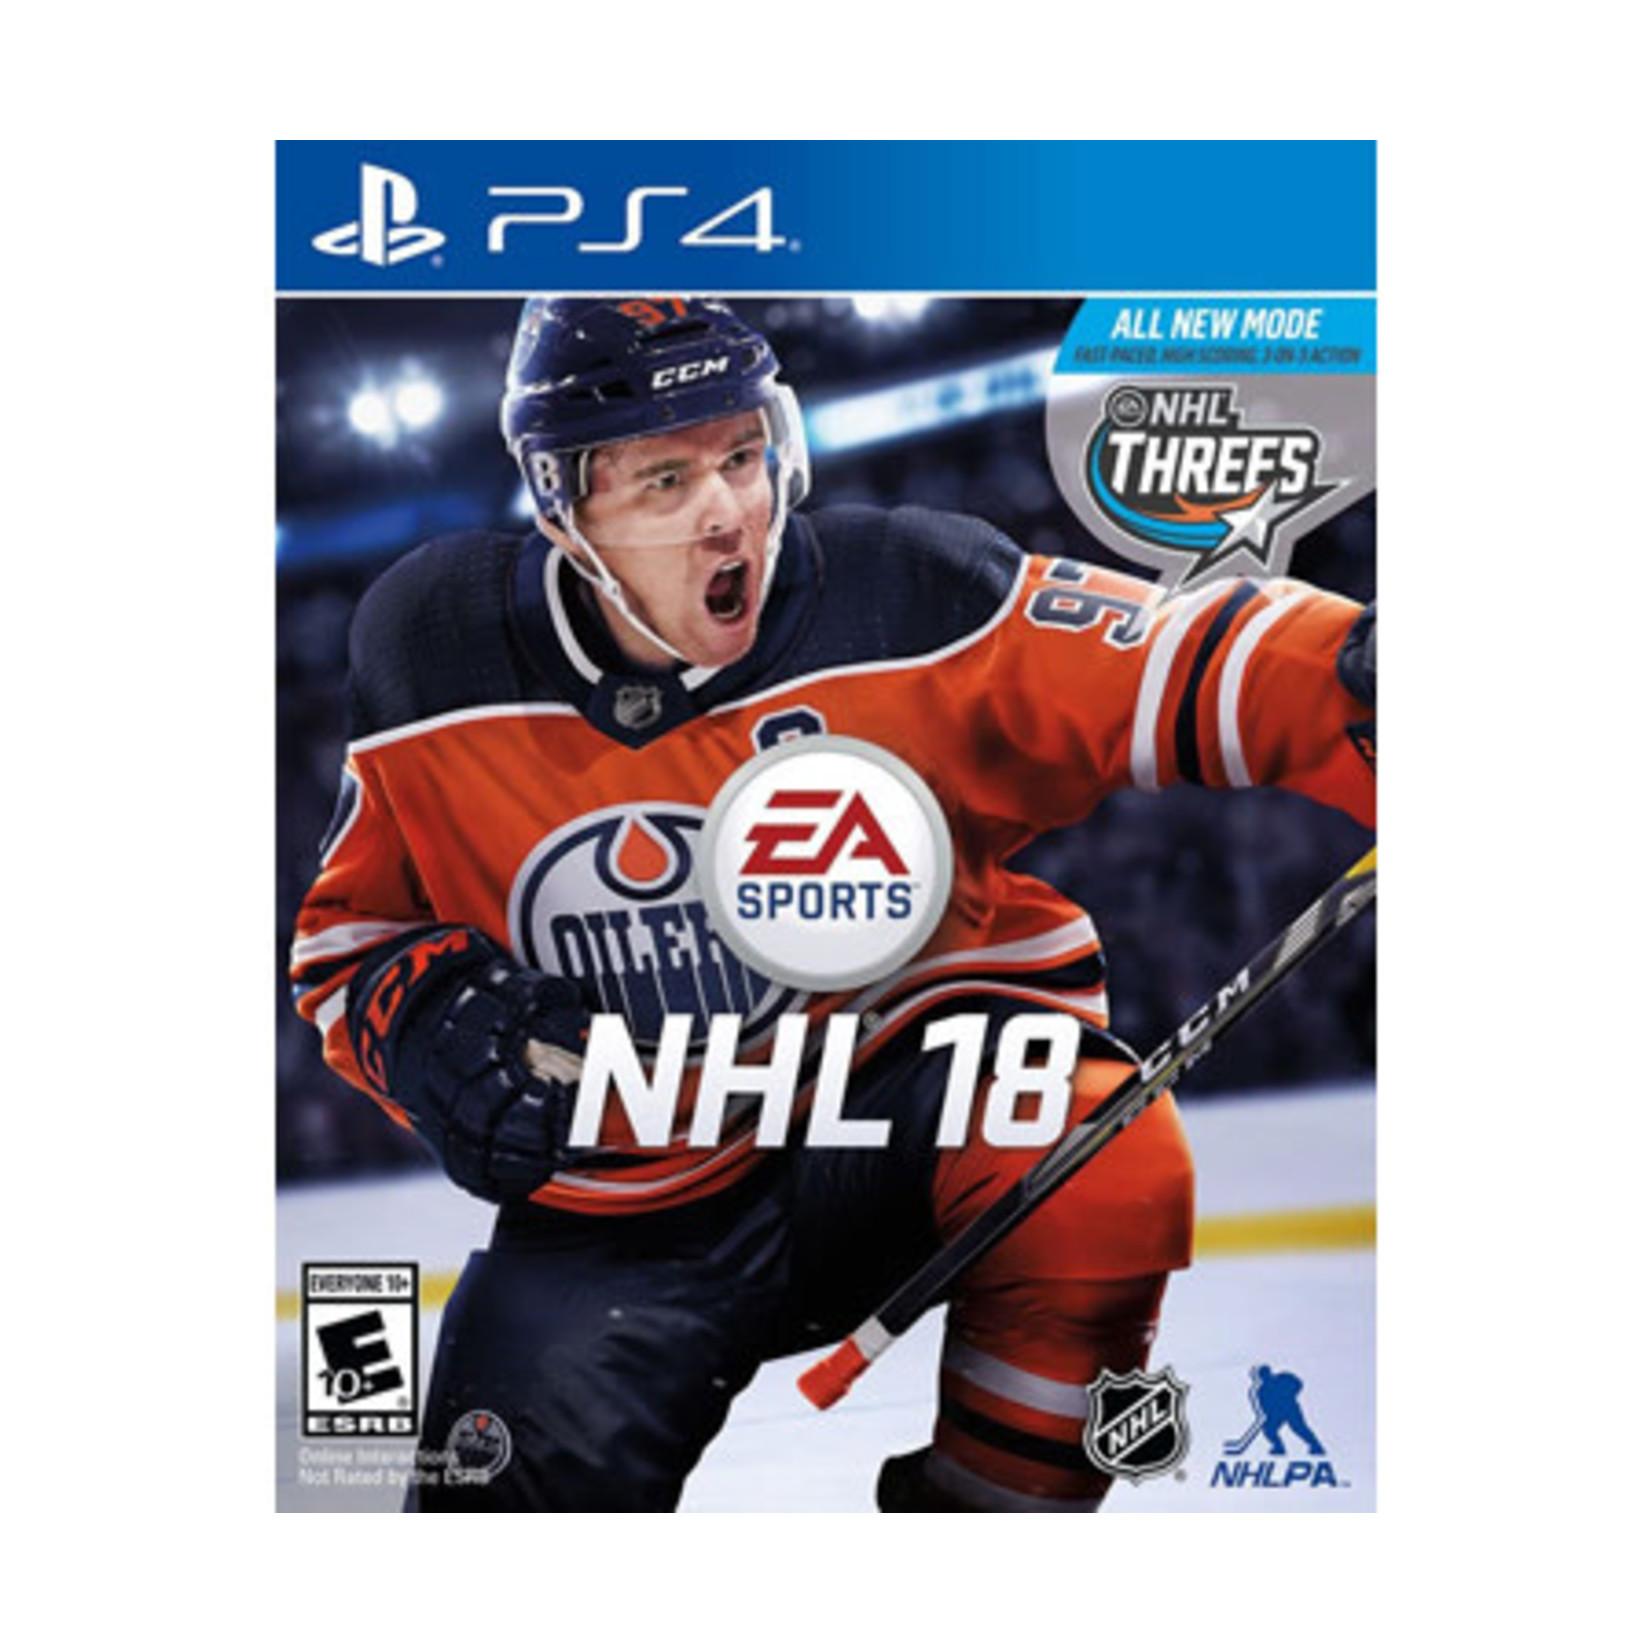 PS4U-NHL 18